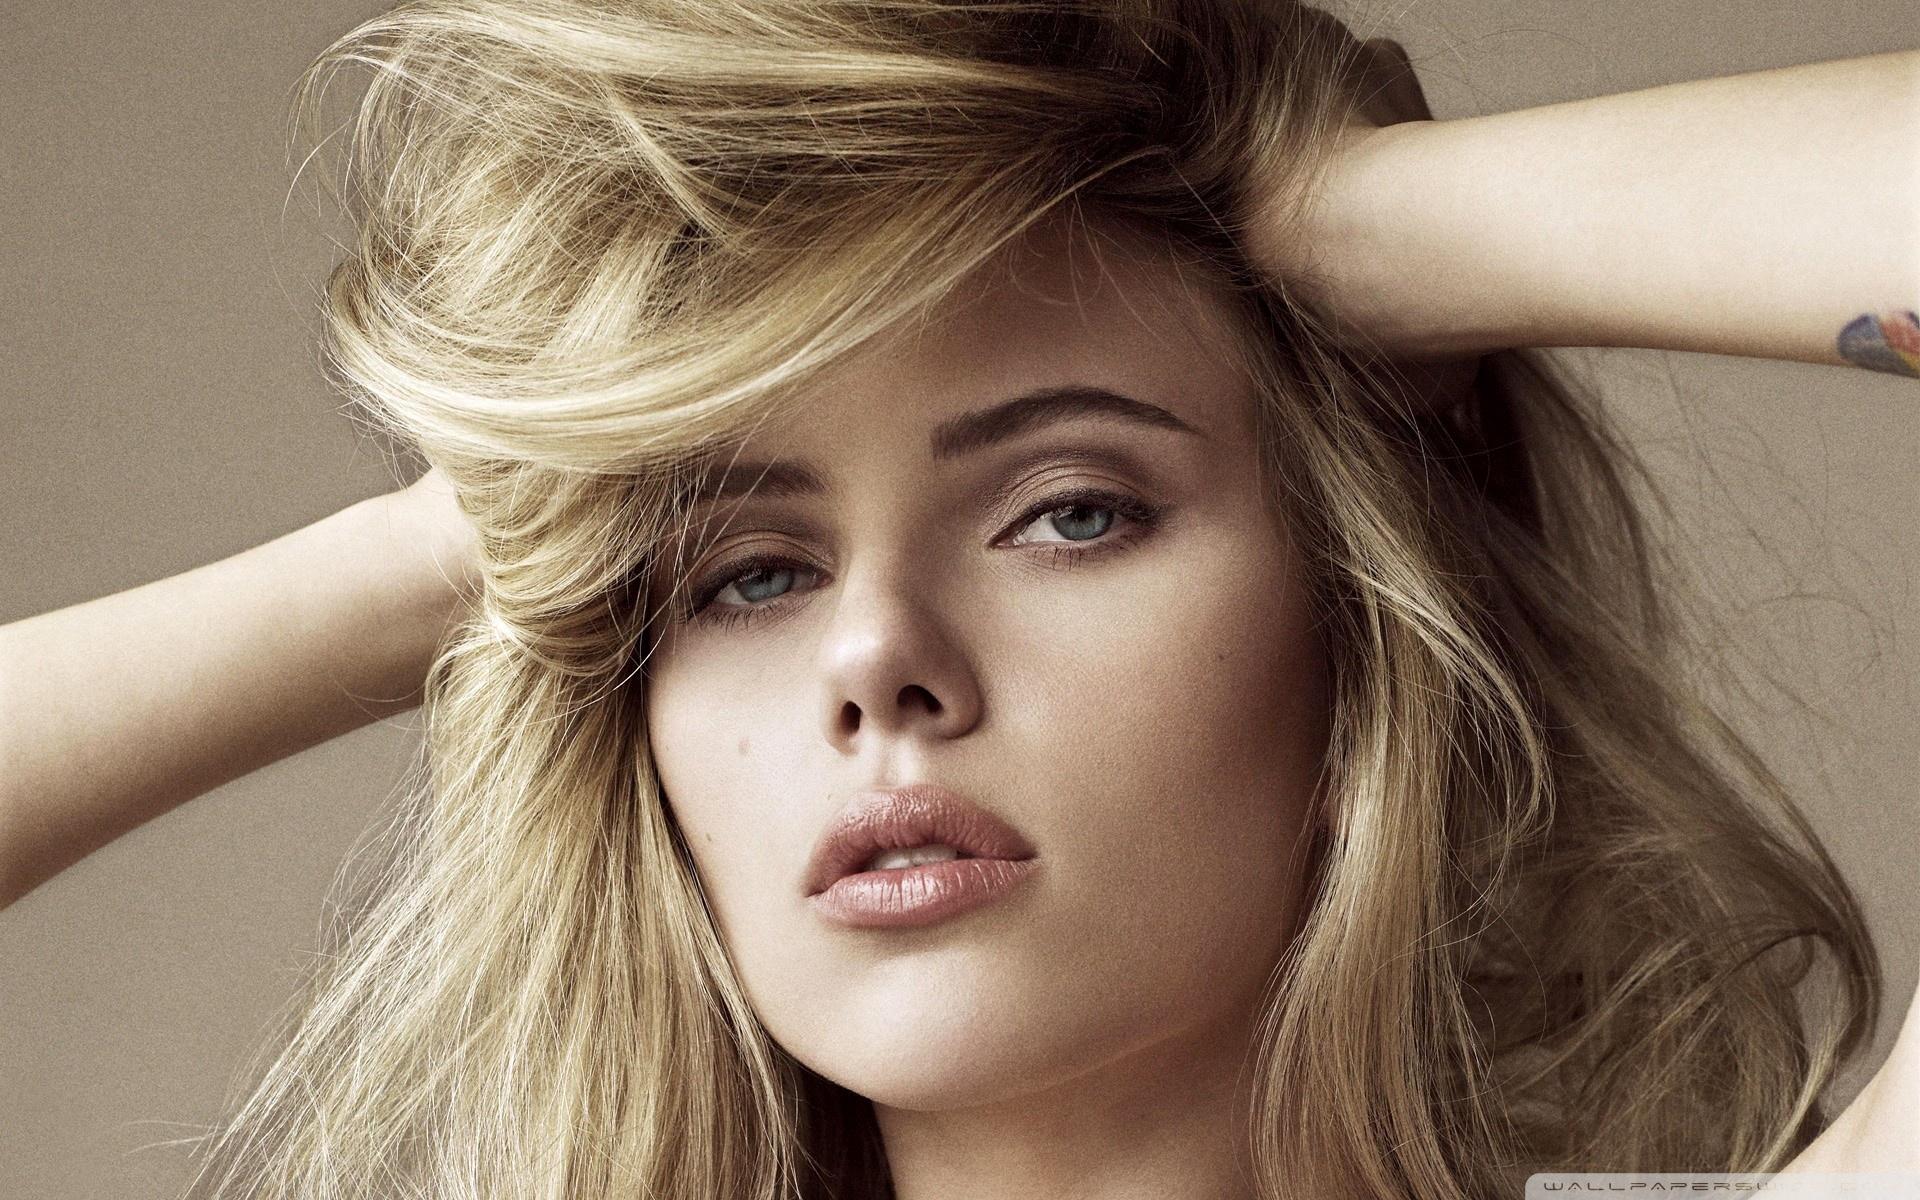 Download Free WallpaperScarlett Johansson Blonde Hair